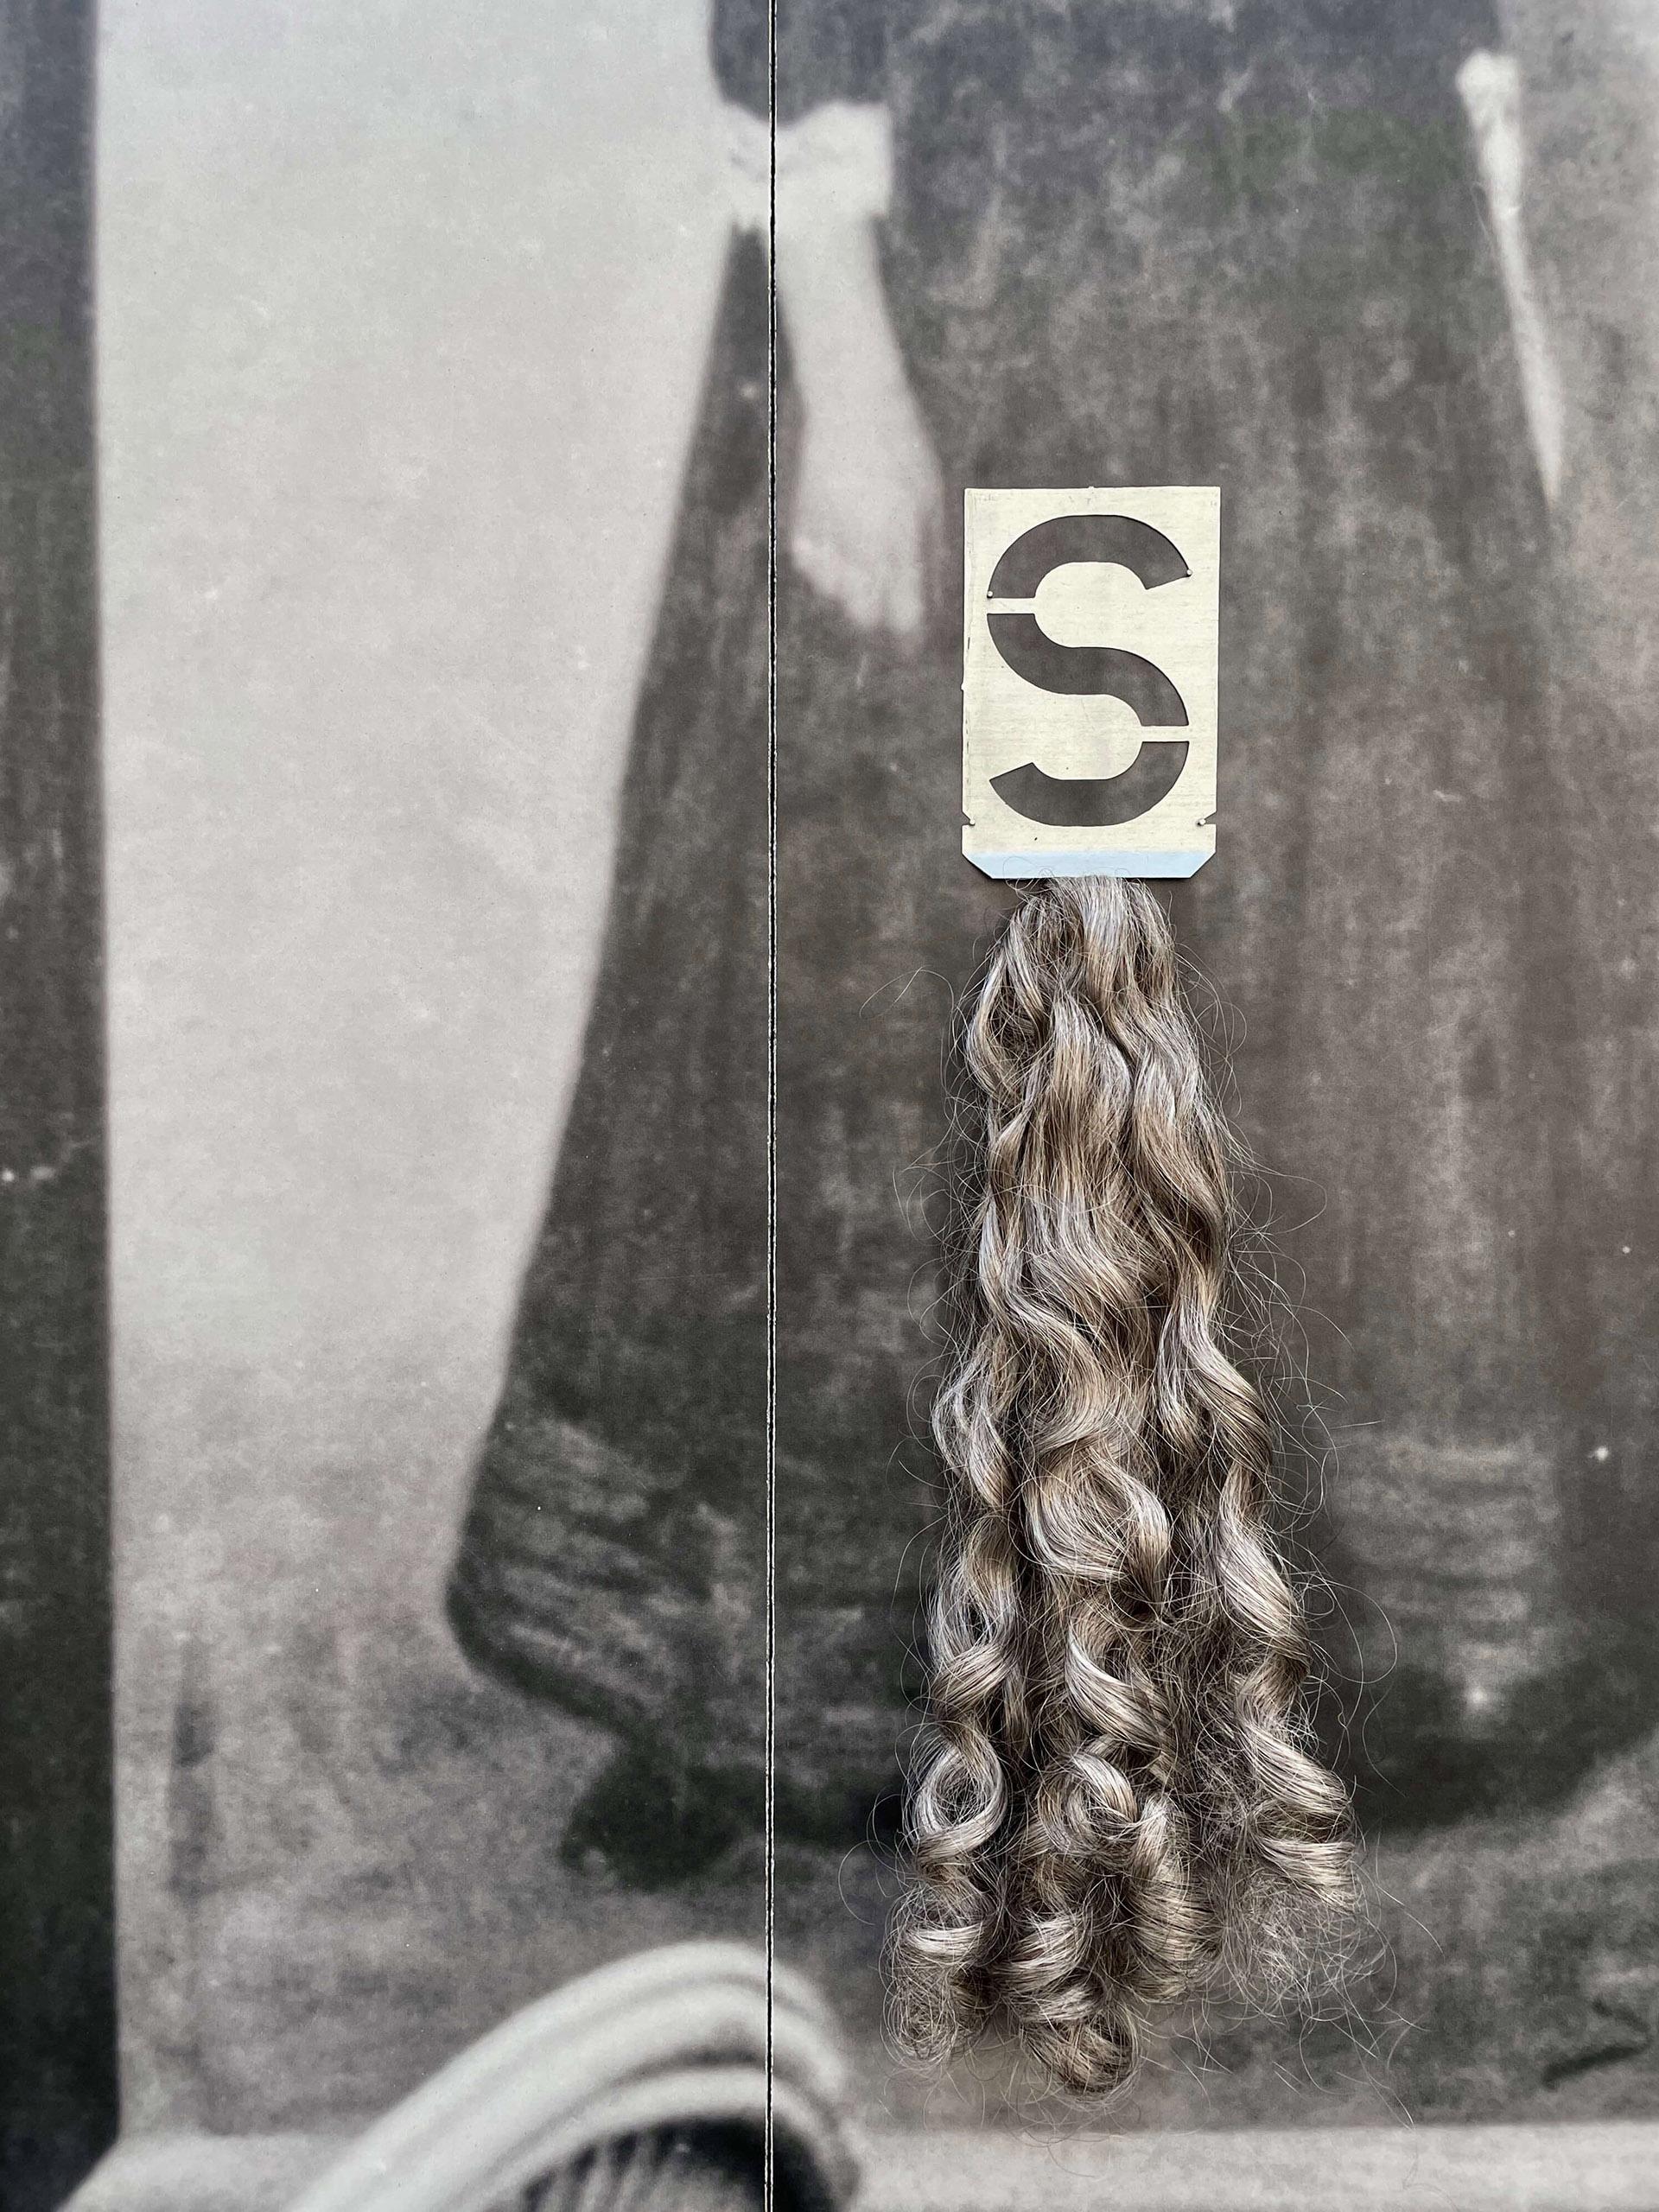 hairy-alphabet-s